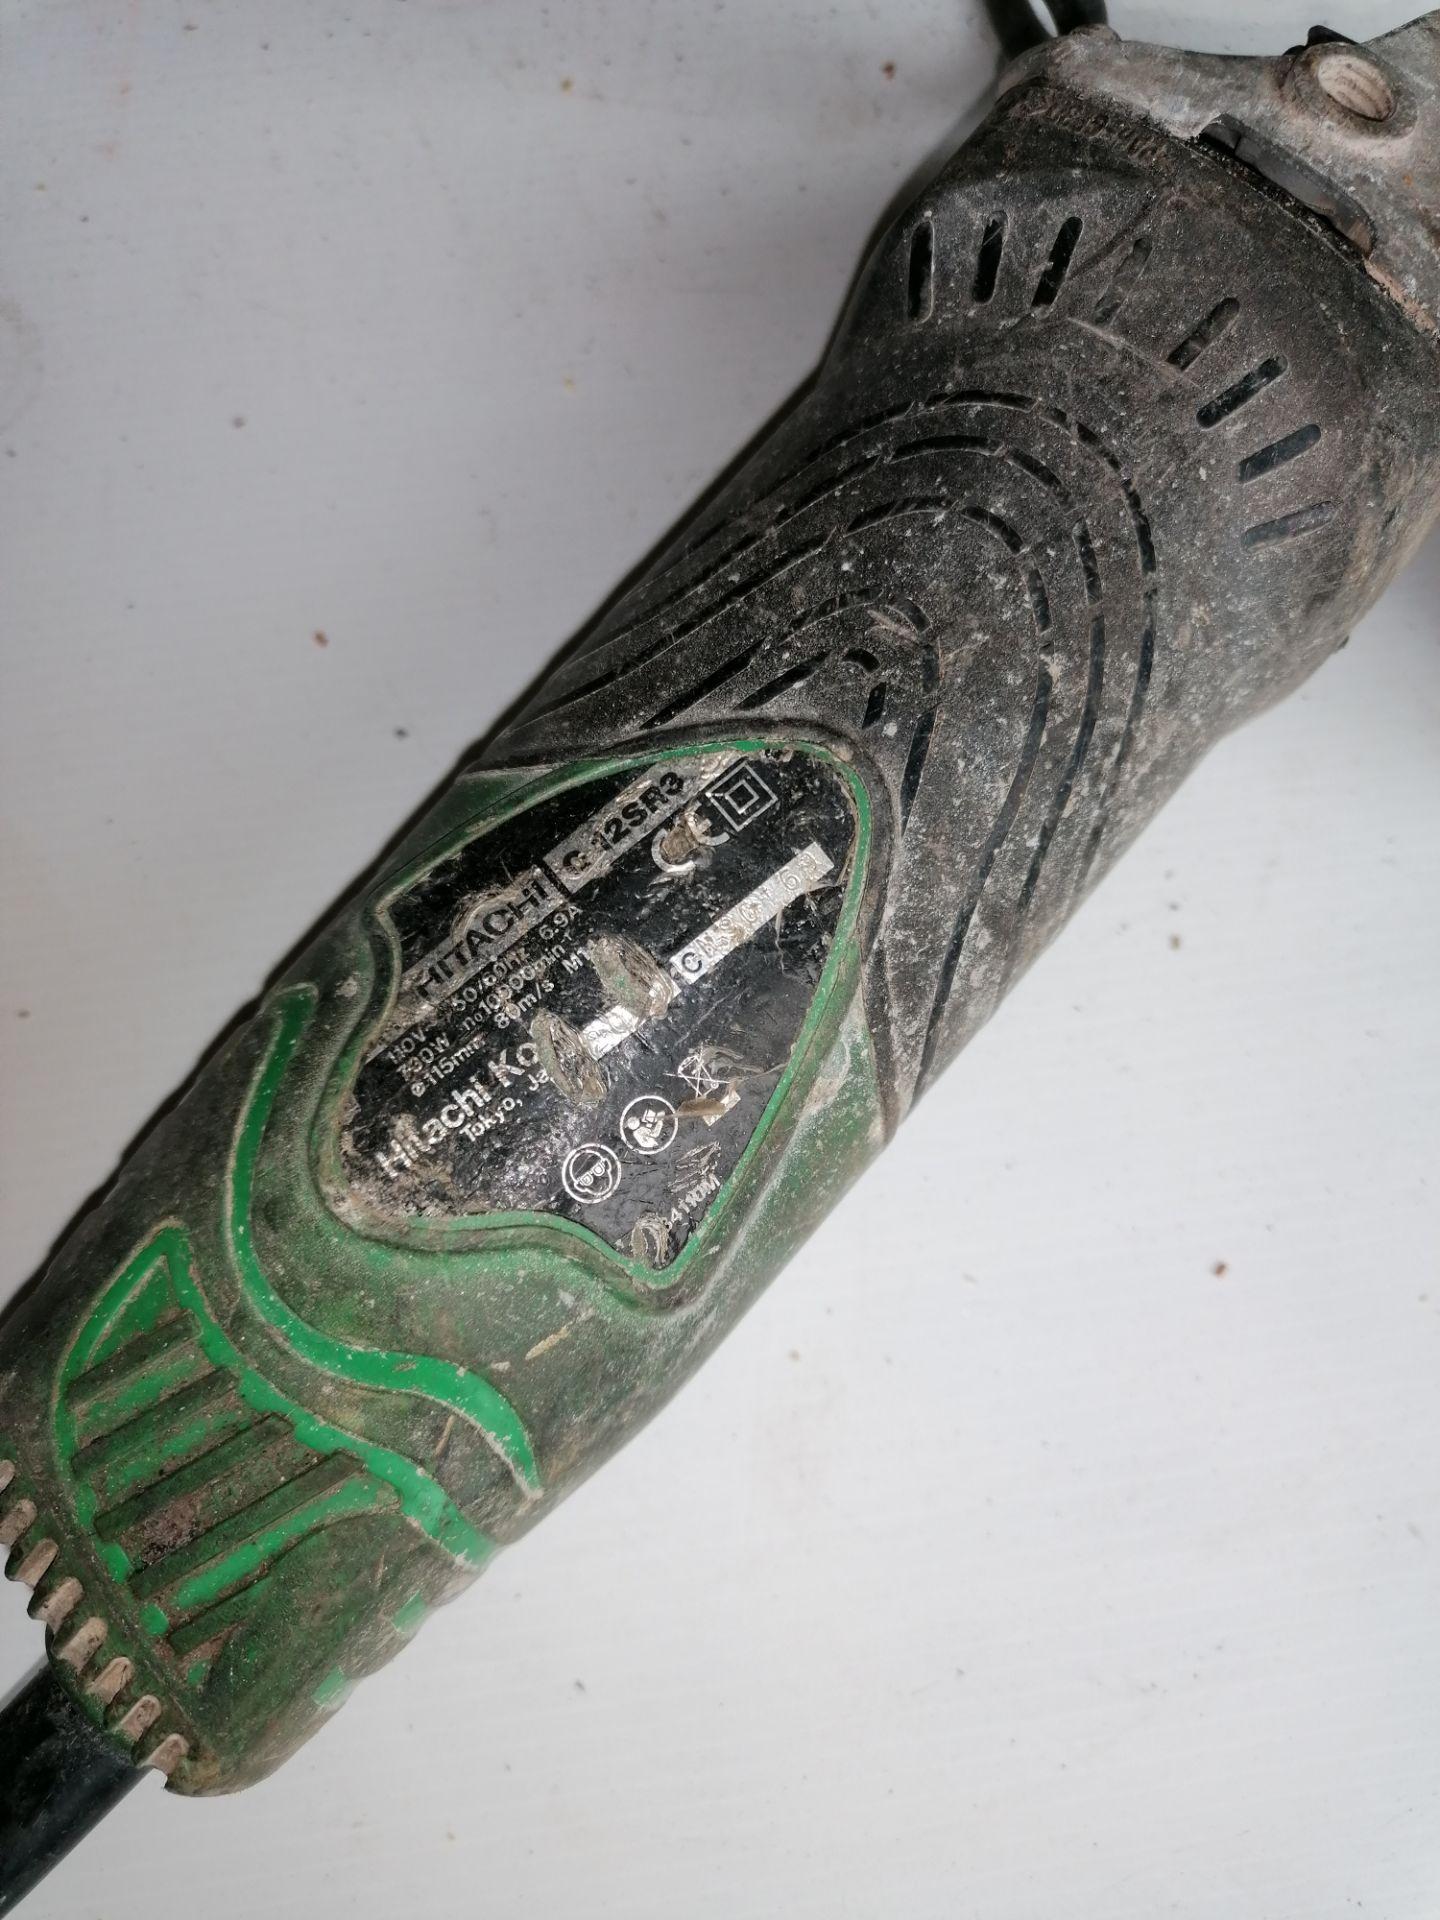 Hitachi Grinder 12SR3 Electric Grinder - Image 3 of 6